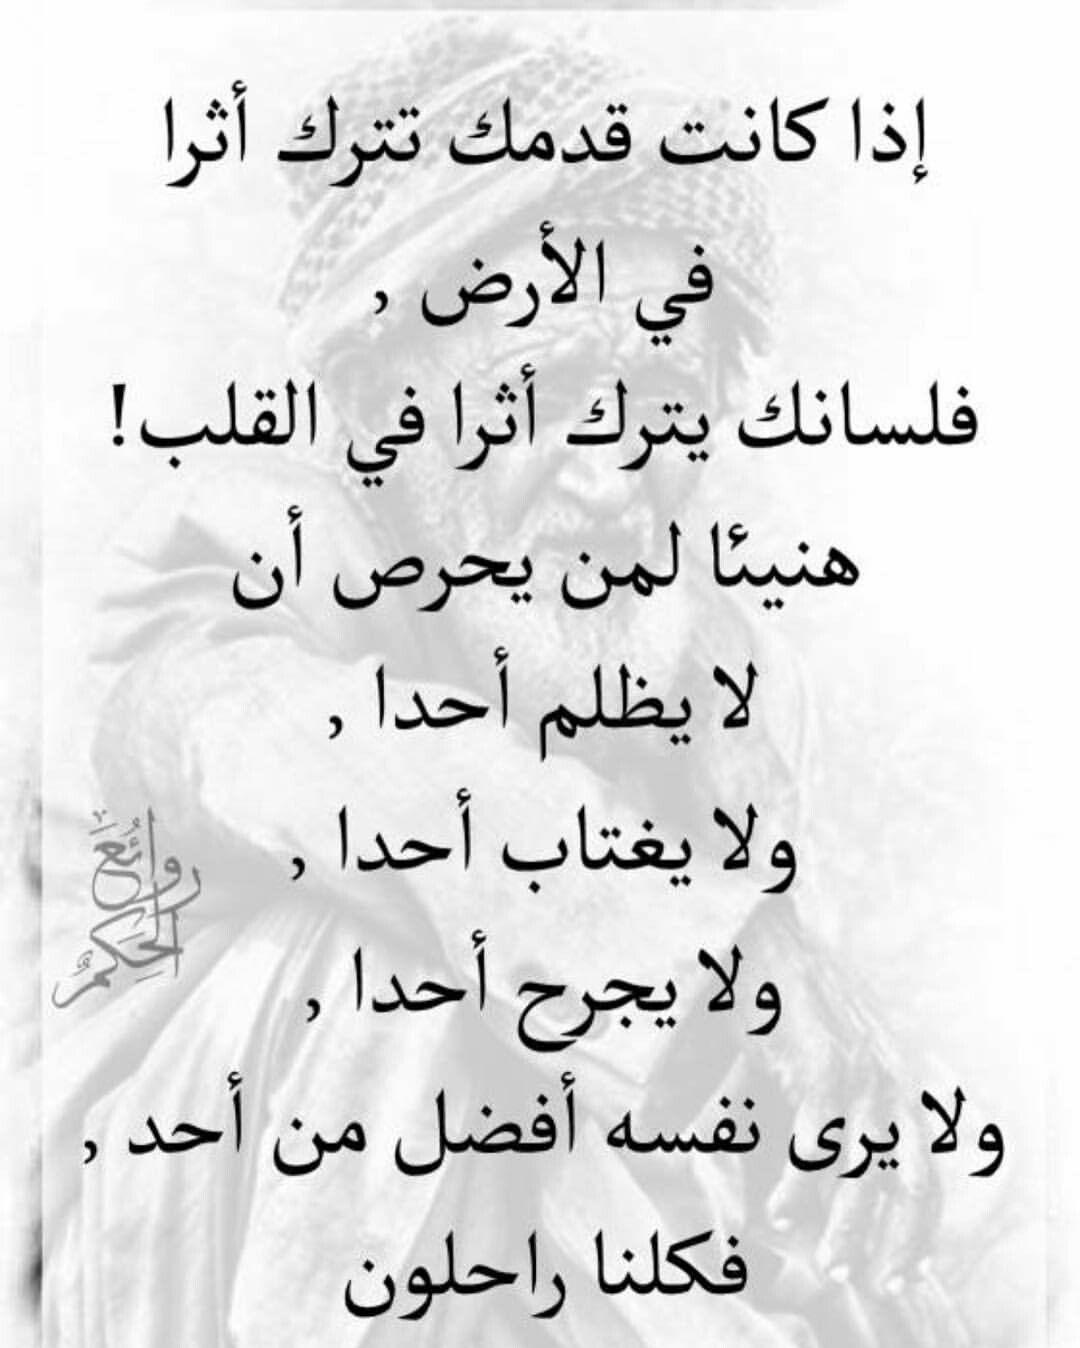 بعض الاشخاص نفوس راقية يجعلونك تكتفي بهم عن مئات البشر H G Words Quotes Arabic Quotes